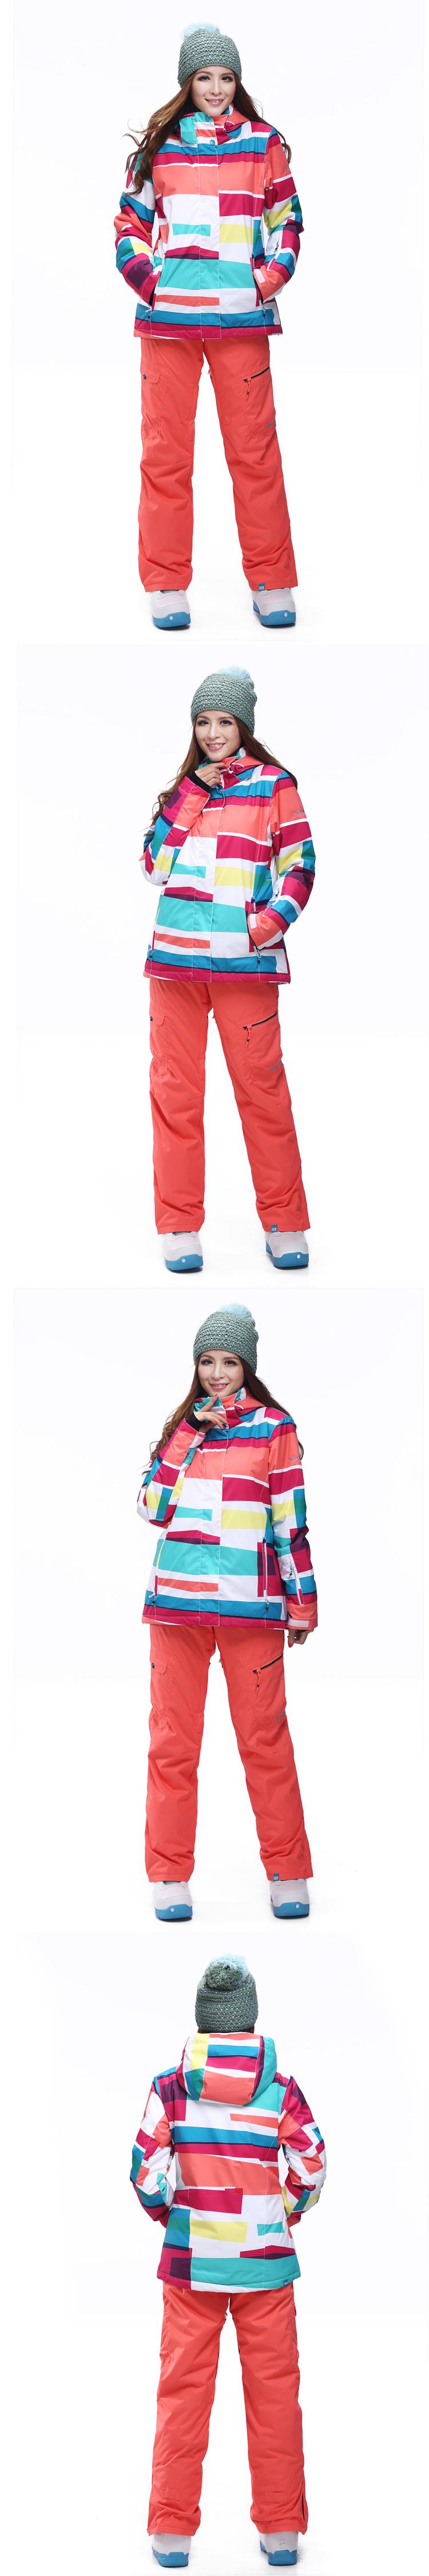 женский зимний горнолыжный костюм Gsou SNOW фото